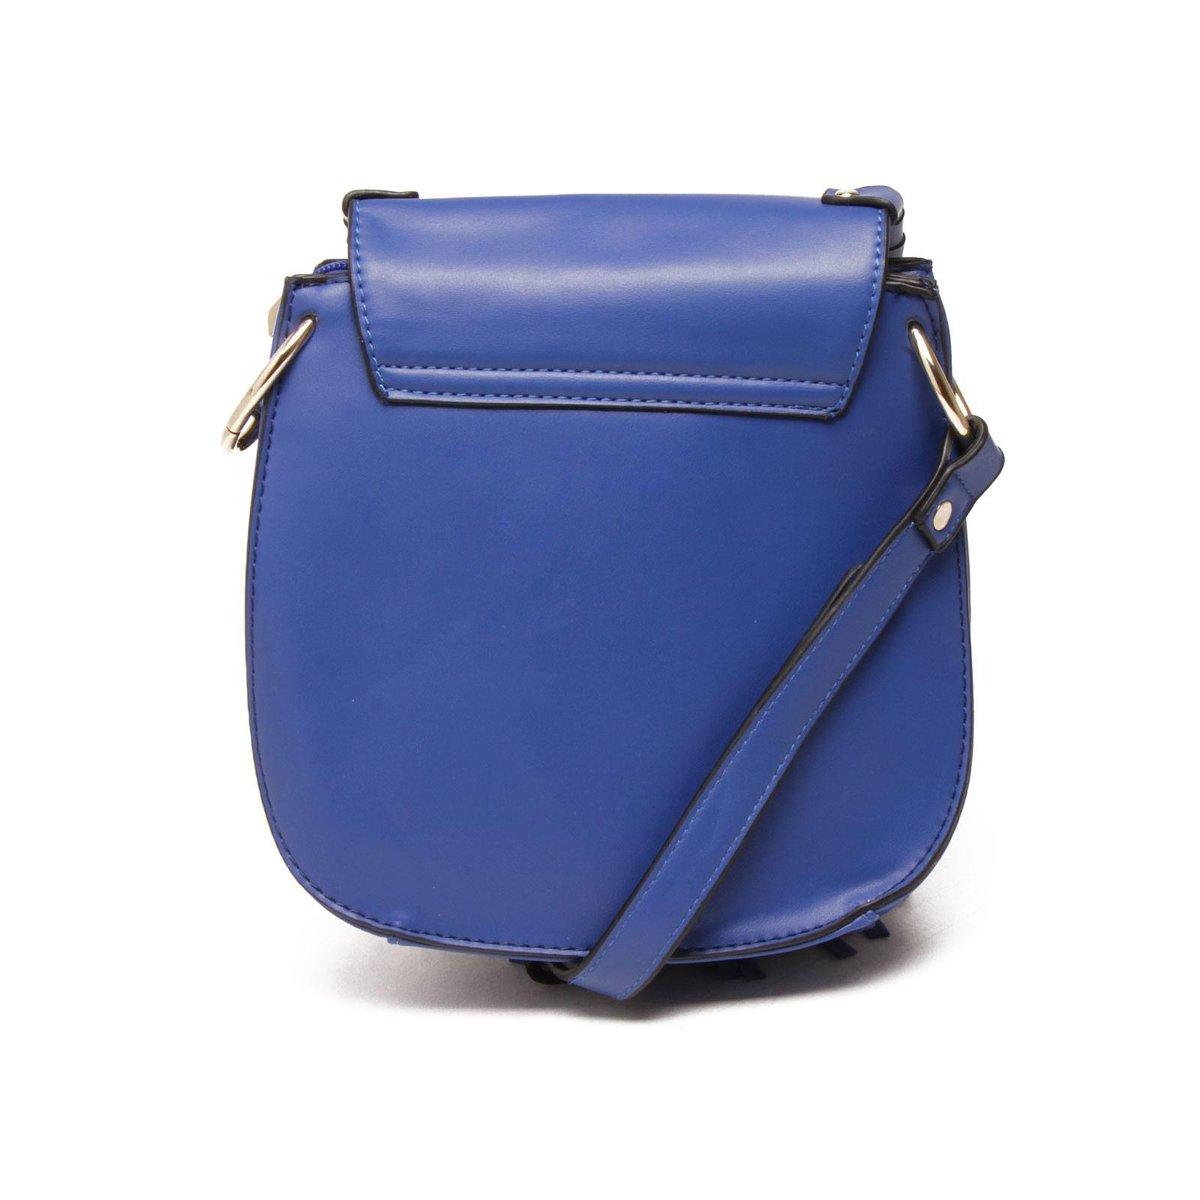 Tassel Tassel Tassel Bolsa Azul Azul Azul Bolsa Bolsa Bolsa Tassel S44qI